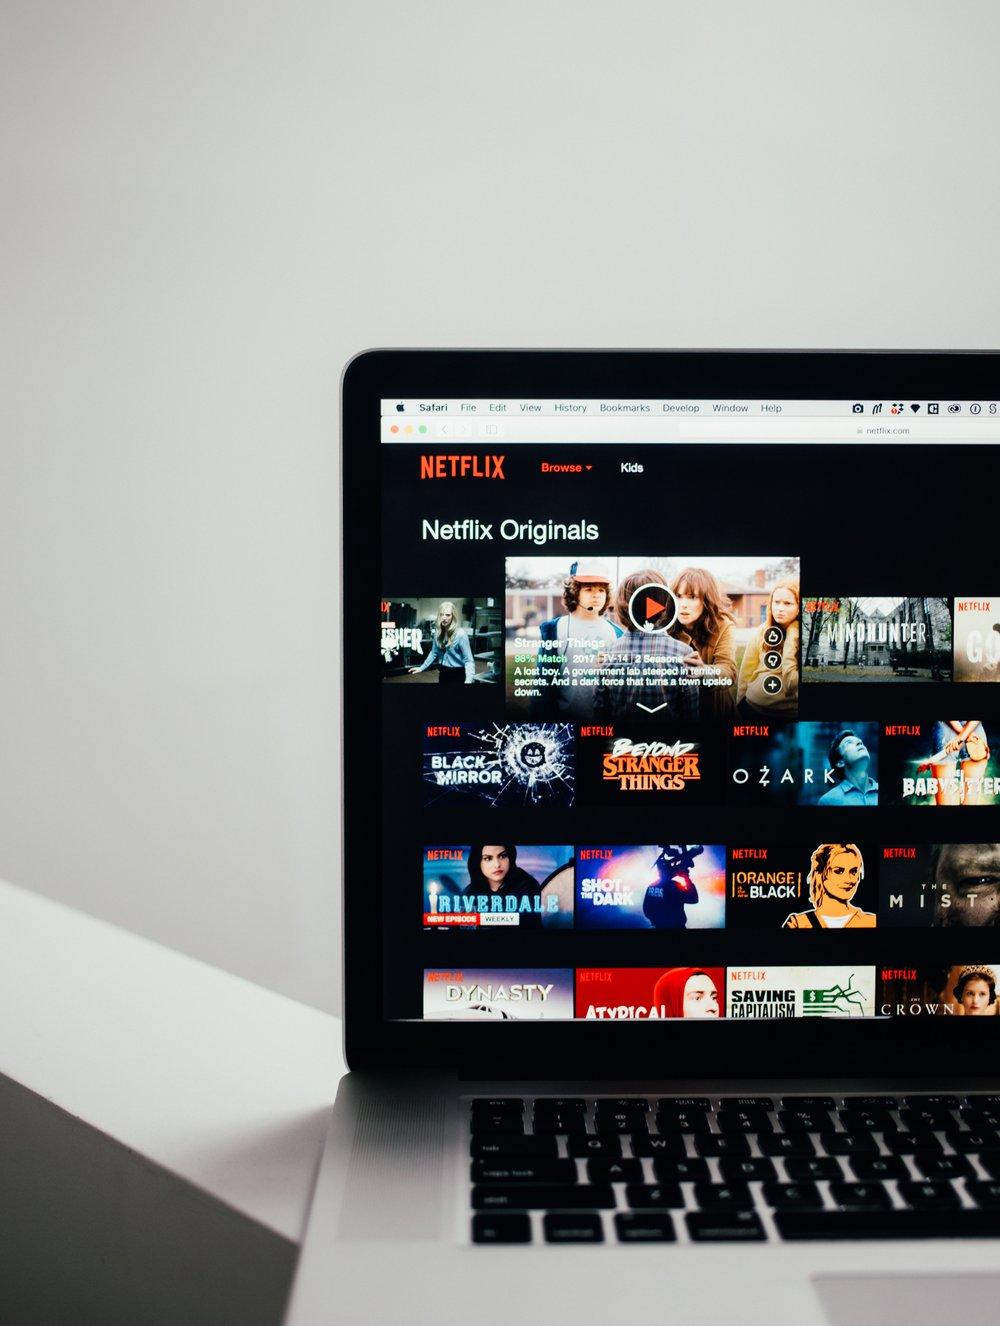 Netflix-Spanish-movies-to-improve-Spanish.jpg